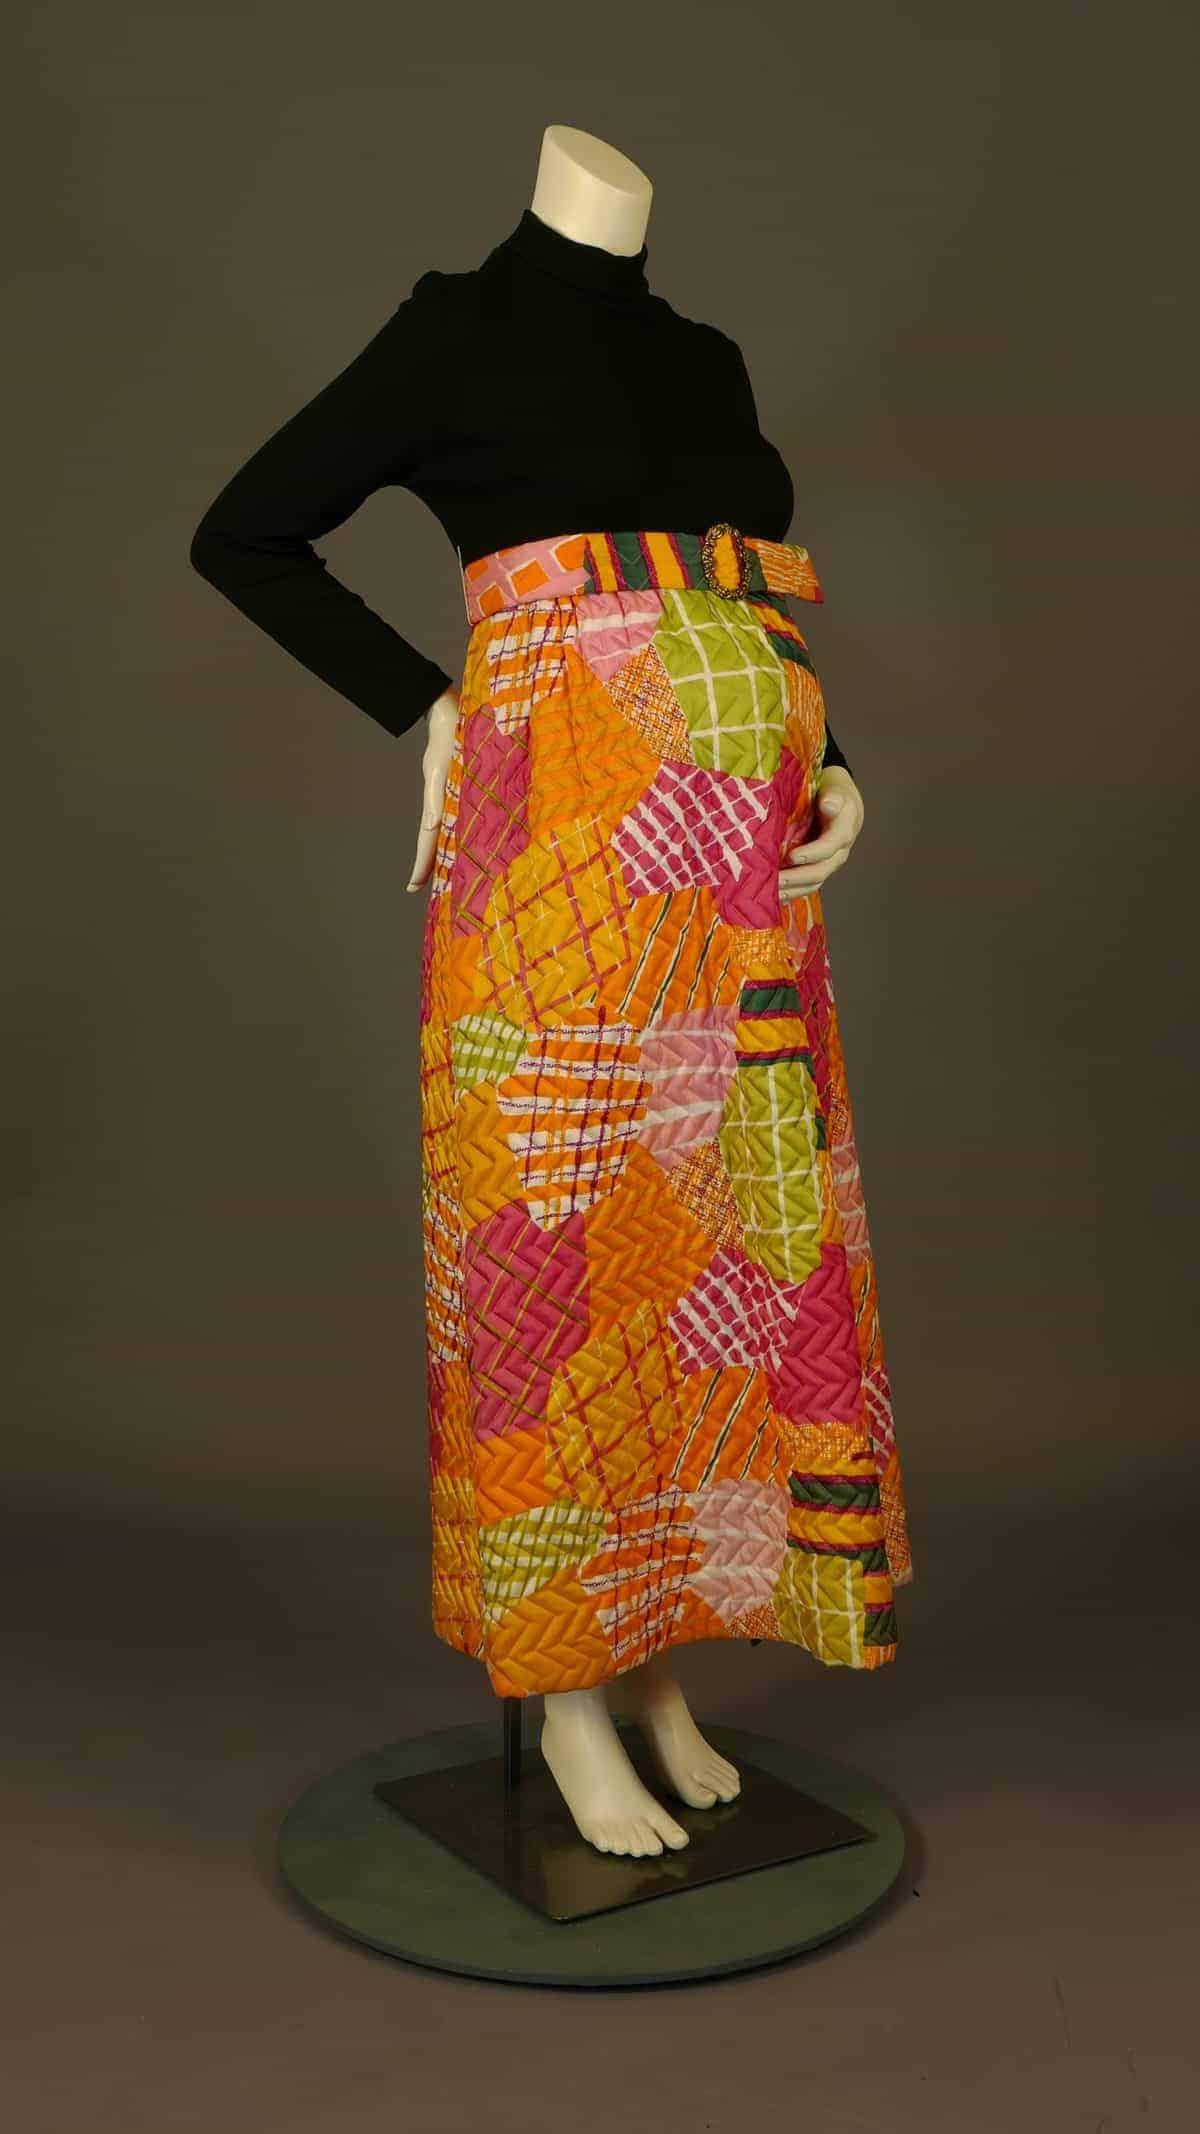 Page Boy maxi dress. 1967. Courtesy of UNT Digital